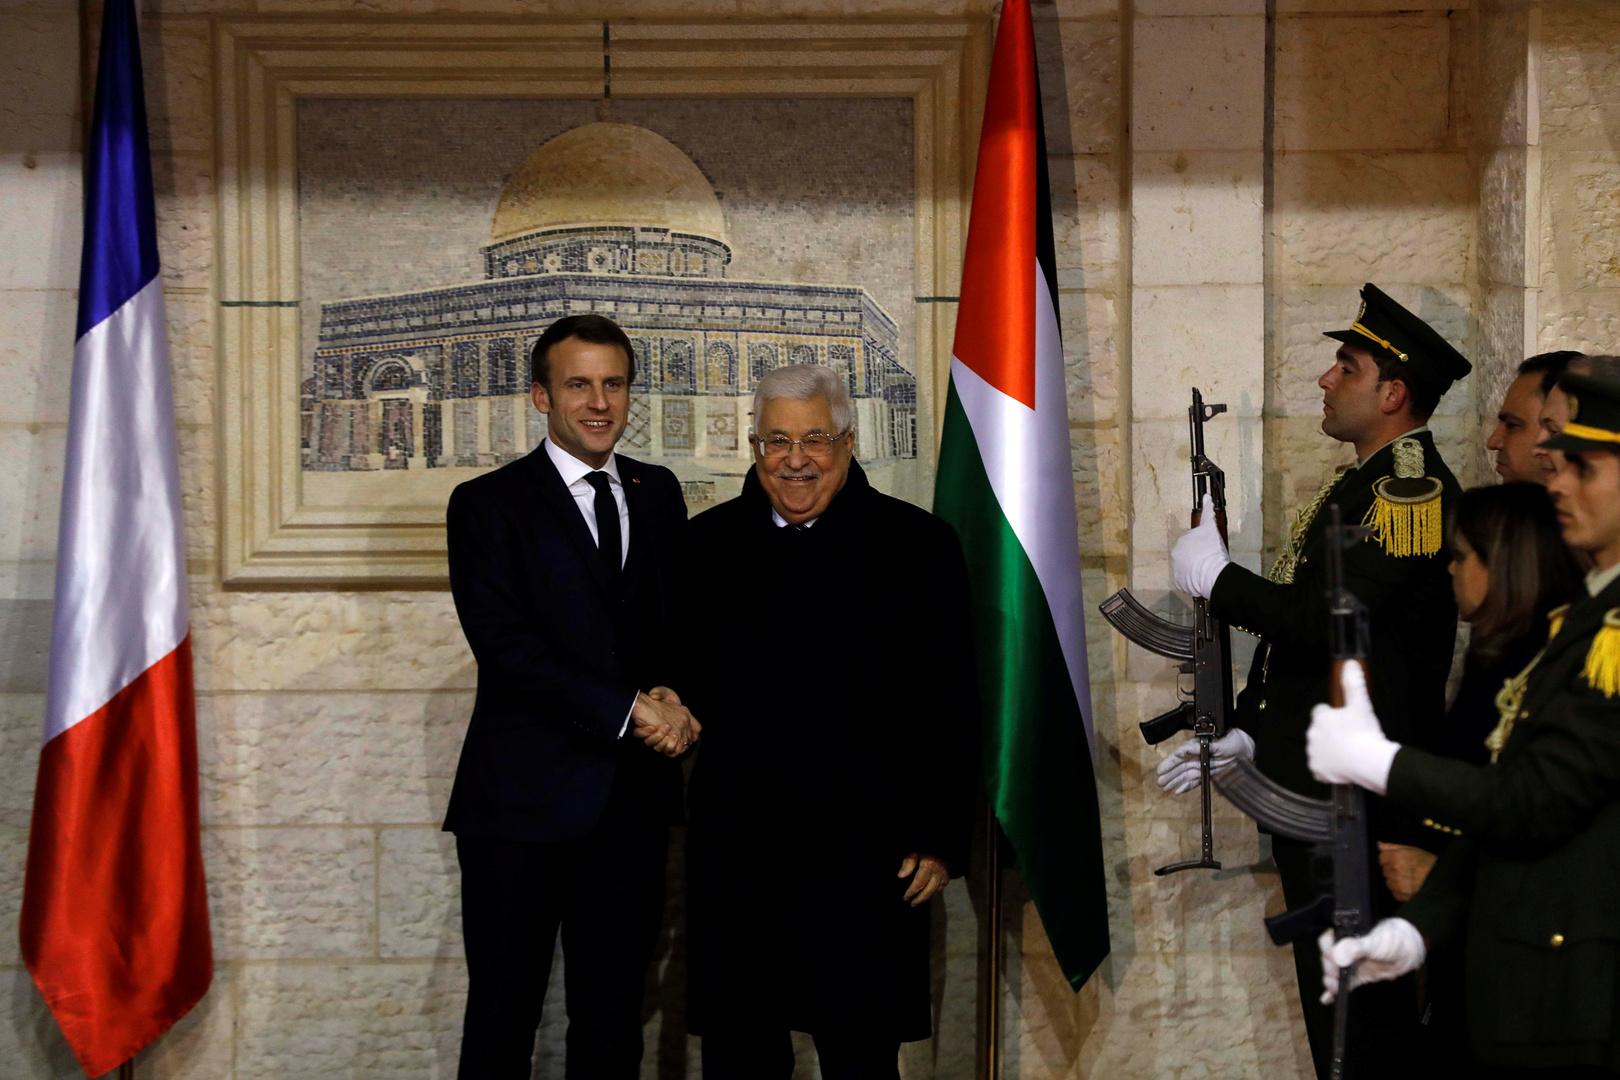 الرئيس الفلسطيني محمود عباس ونظيره الفرنسي إيمانويل ماكرون في مقر الرئاسة الفلسطينية